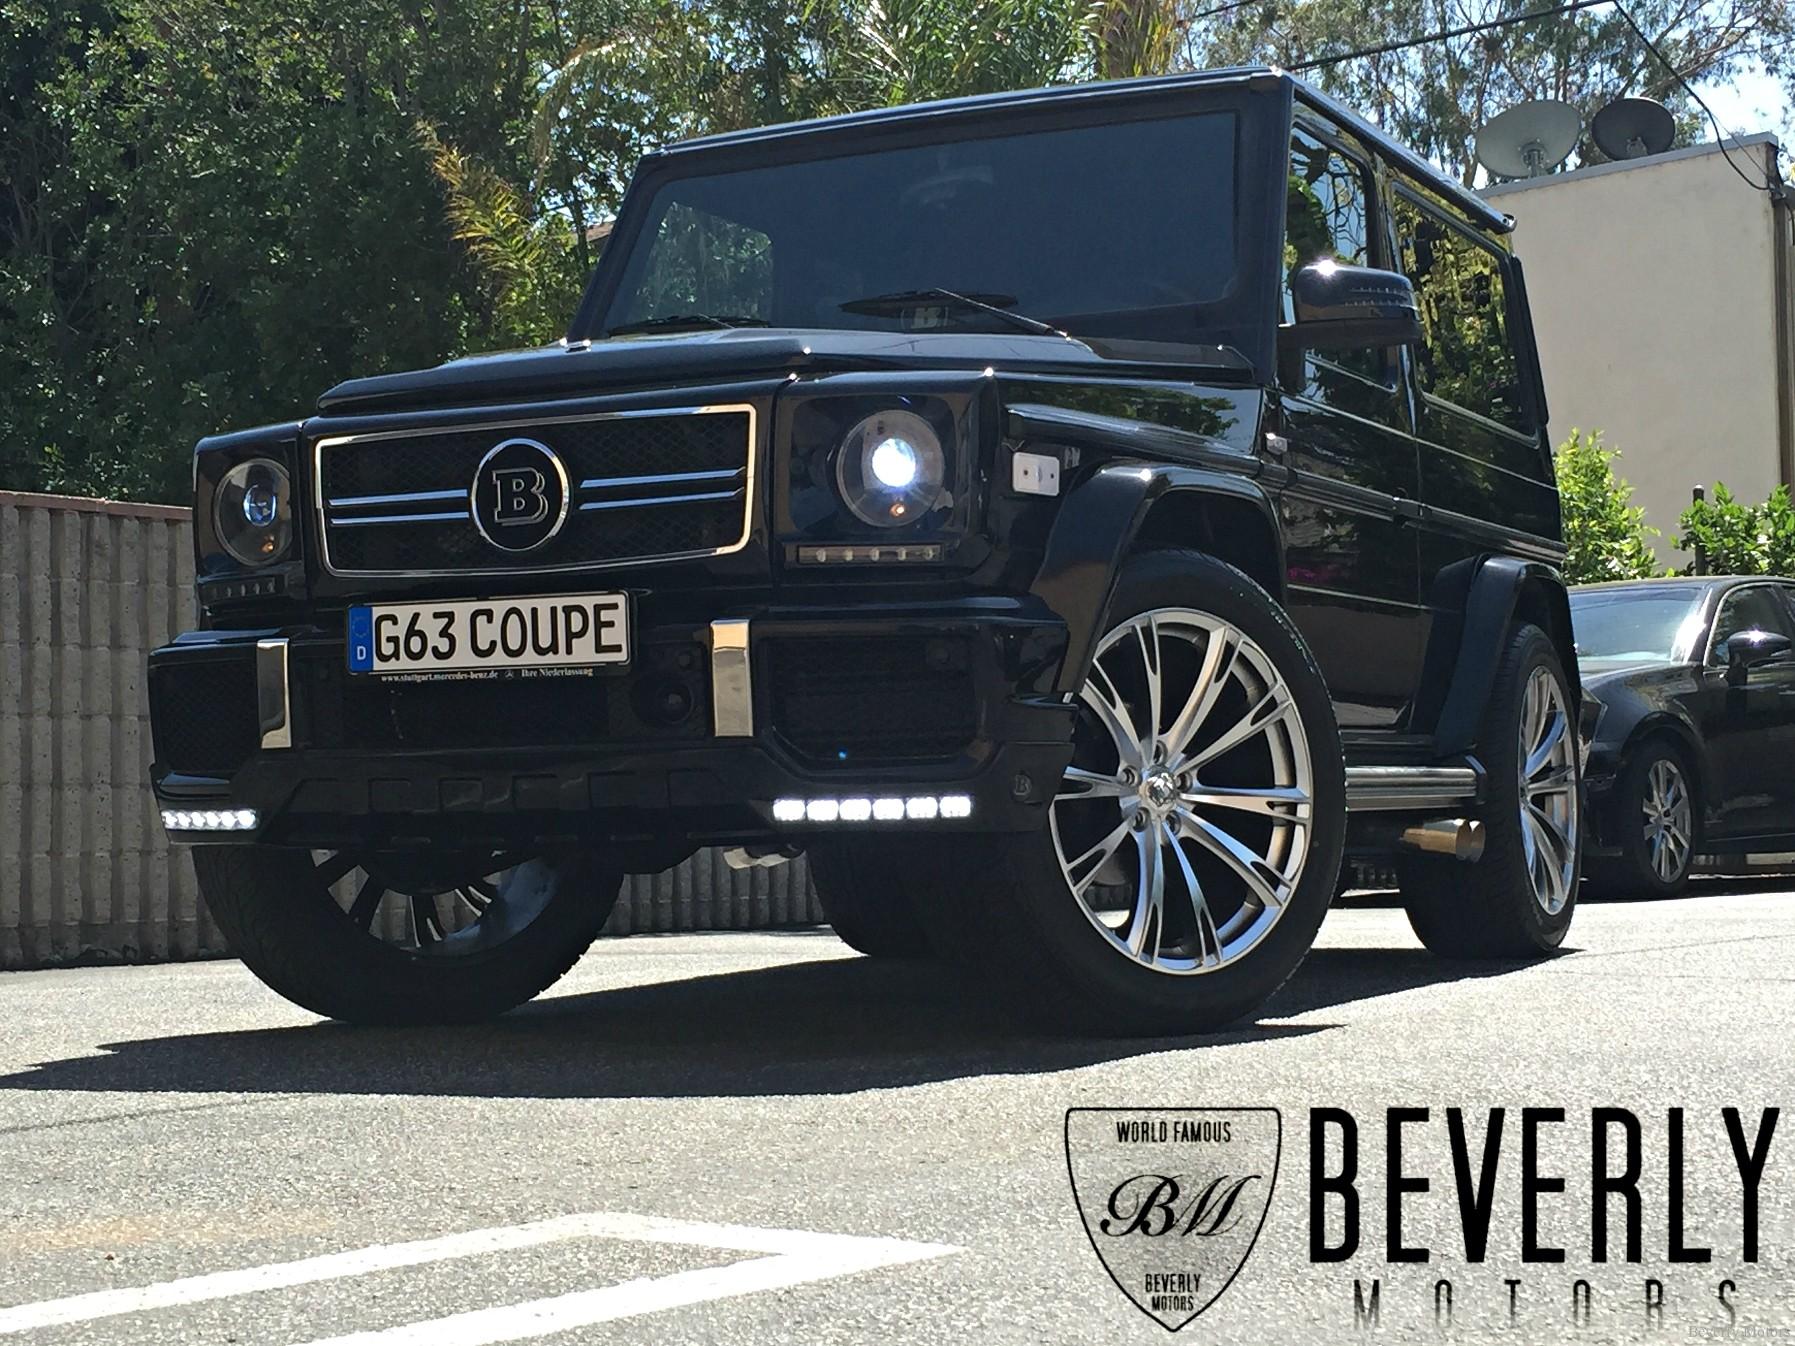 2001 mercedes benz g class g500 g55 g63 amg brabus wald for Mercedes benz g class cabriolet for sale